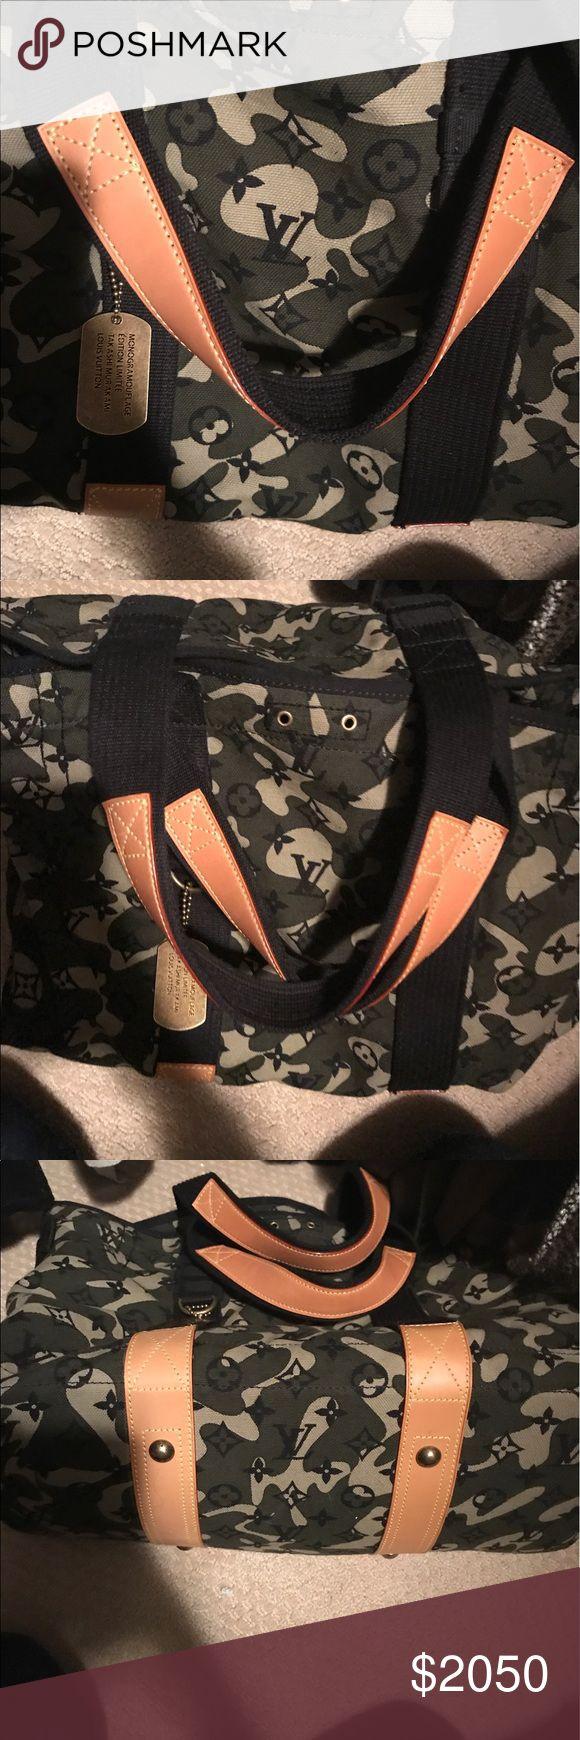 Louis vuition Additional pics Louis Vuitton Bags Shoulder Bags